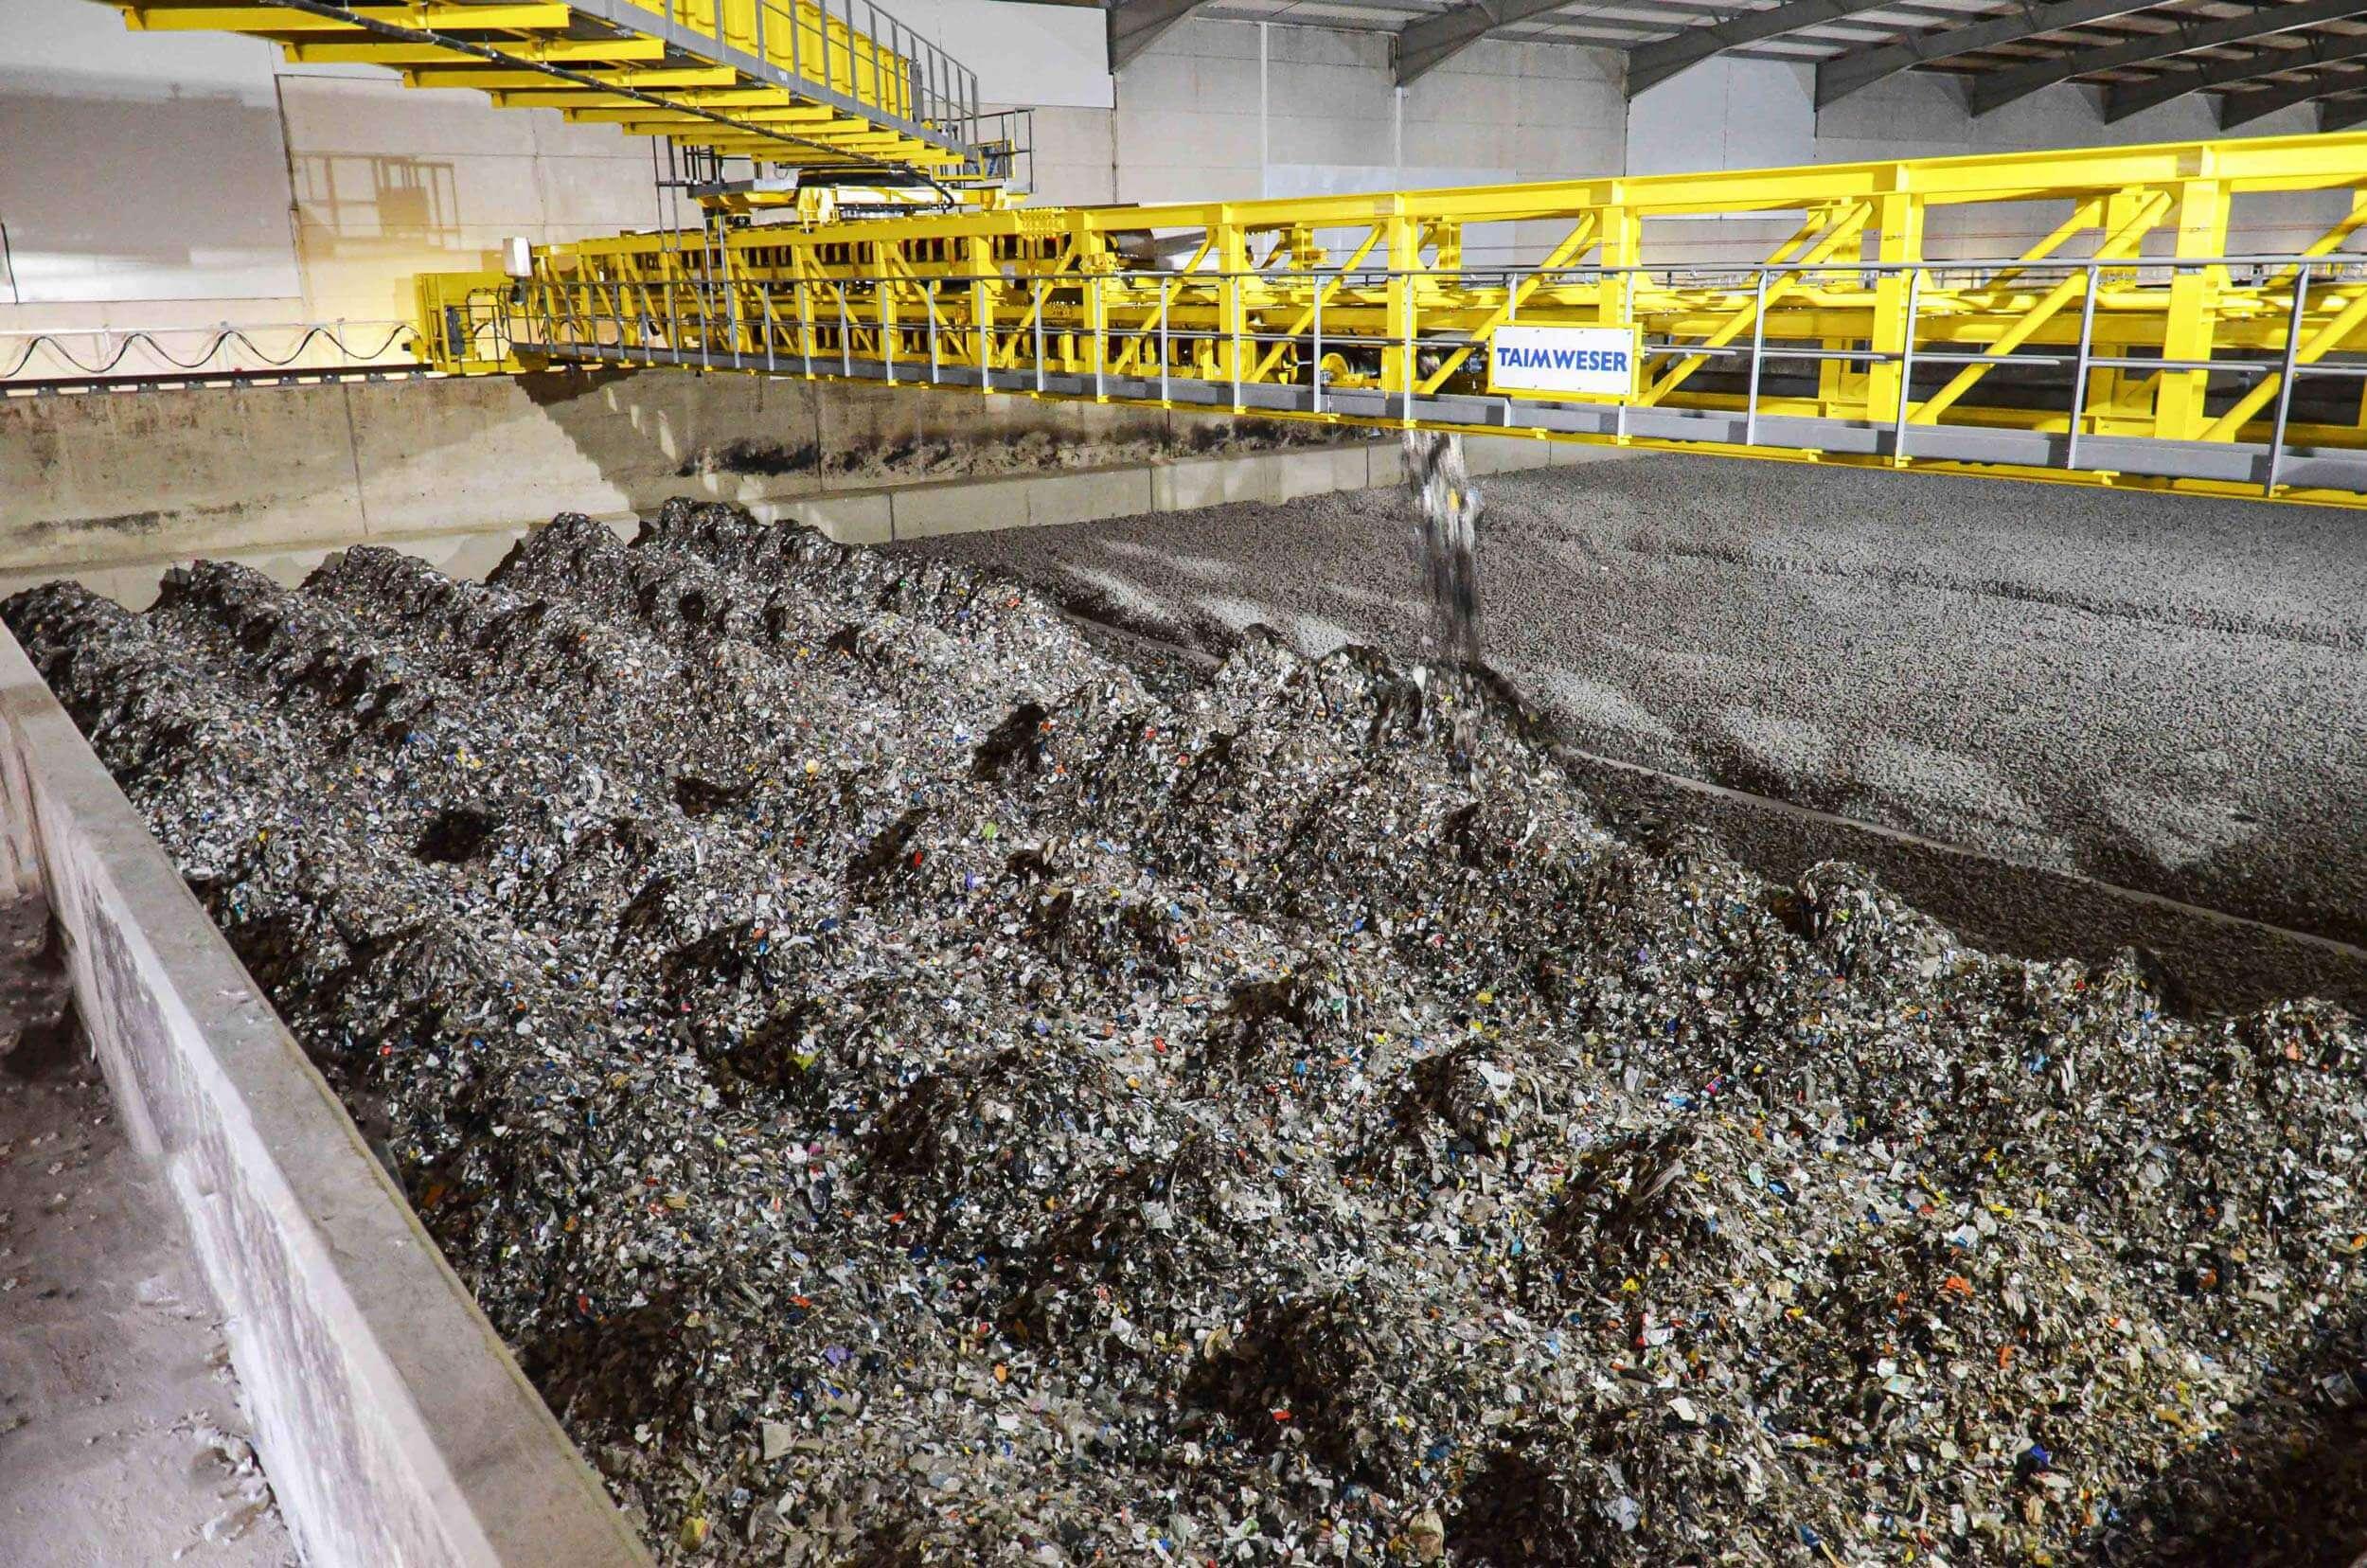 Ersatzbrennstoff (EBS) wird in Silo gelagert